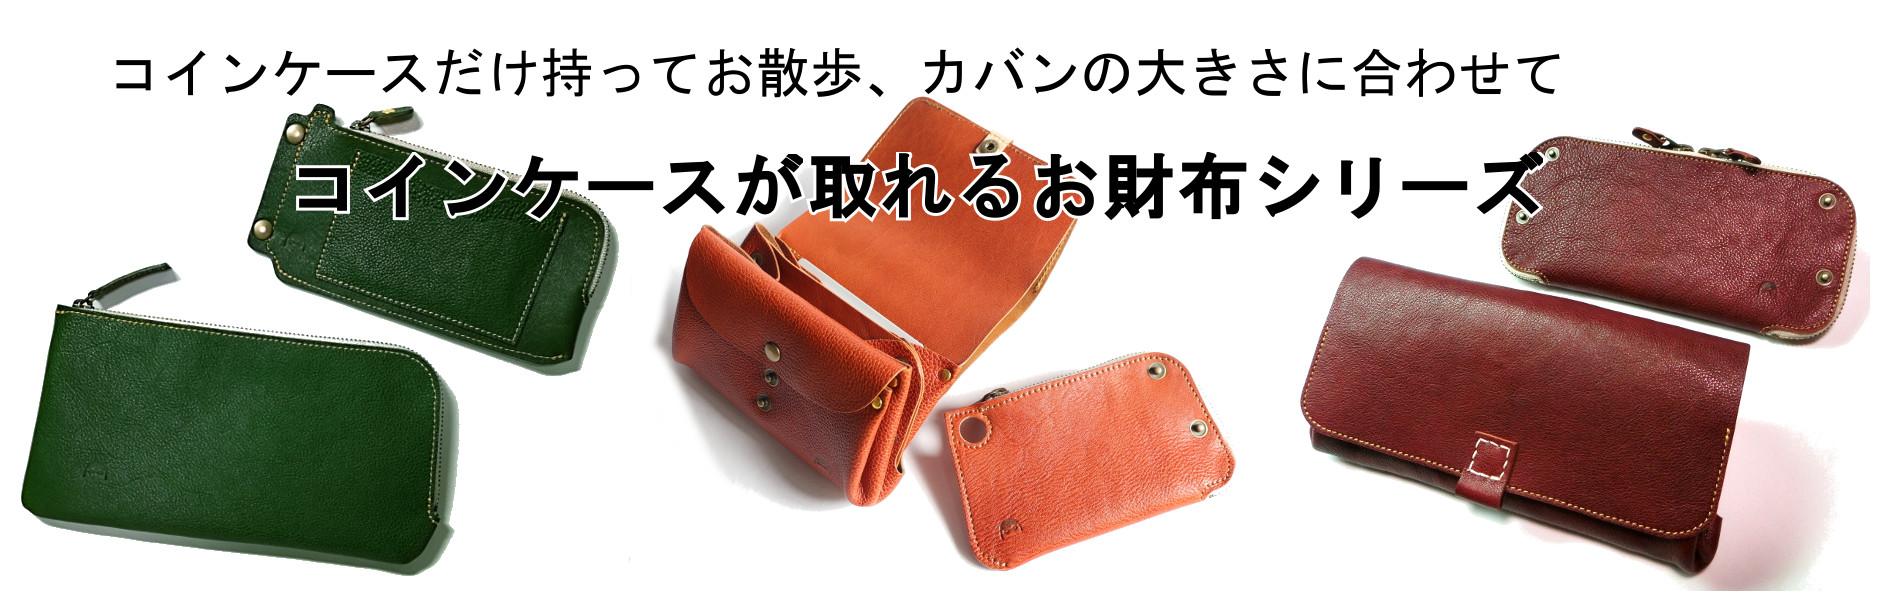 コインケースが取れるお財布シリーズ